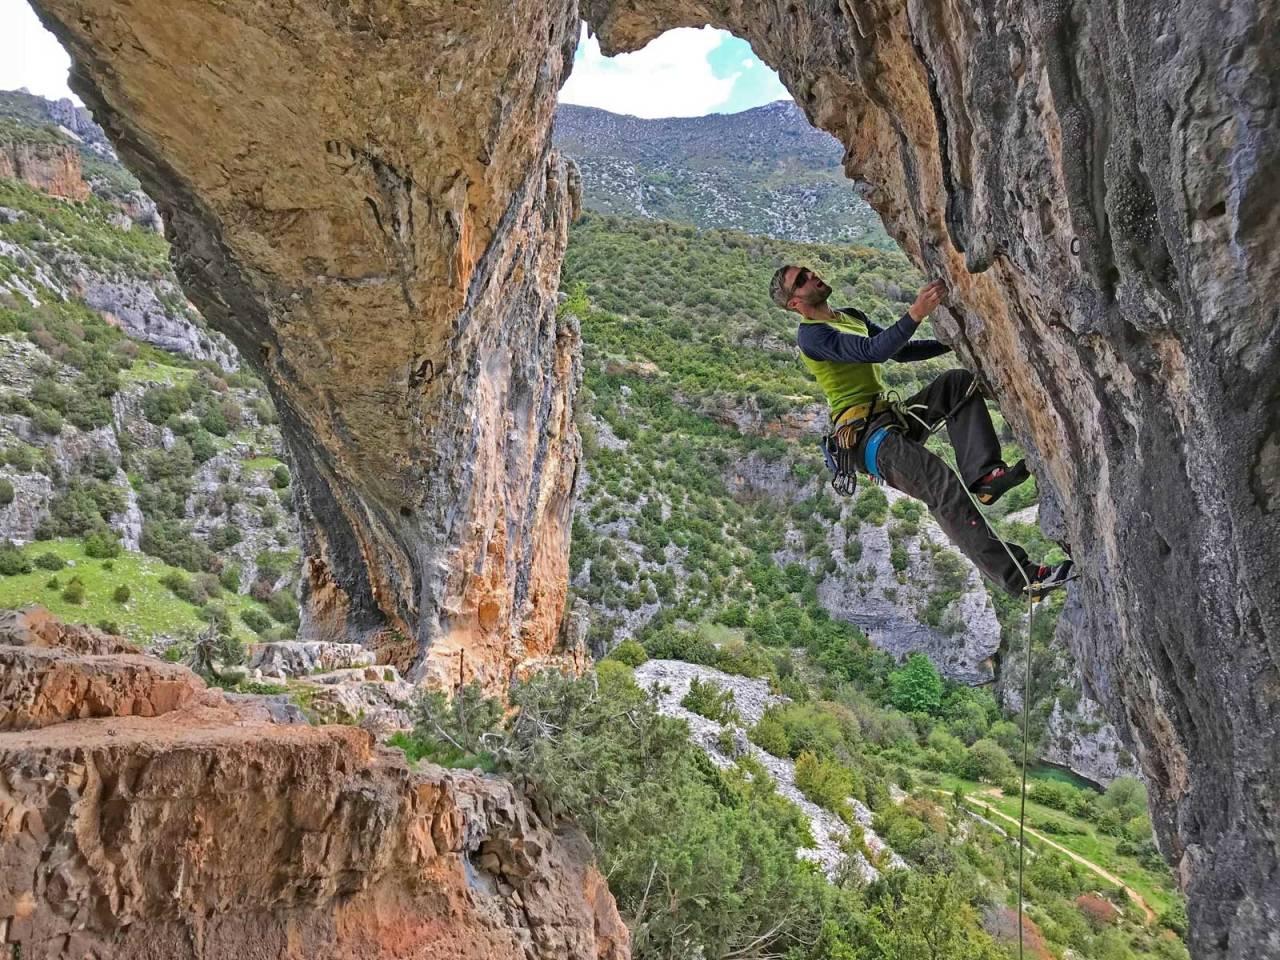 I STØTET: Geir Evensen på Txana (7b+) i Rodellar, Spania på en pausedag fra skrivingen. Foto: Lars Gilberg